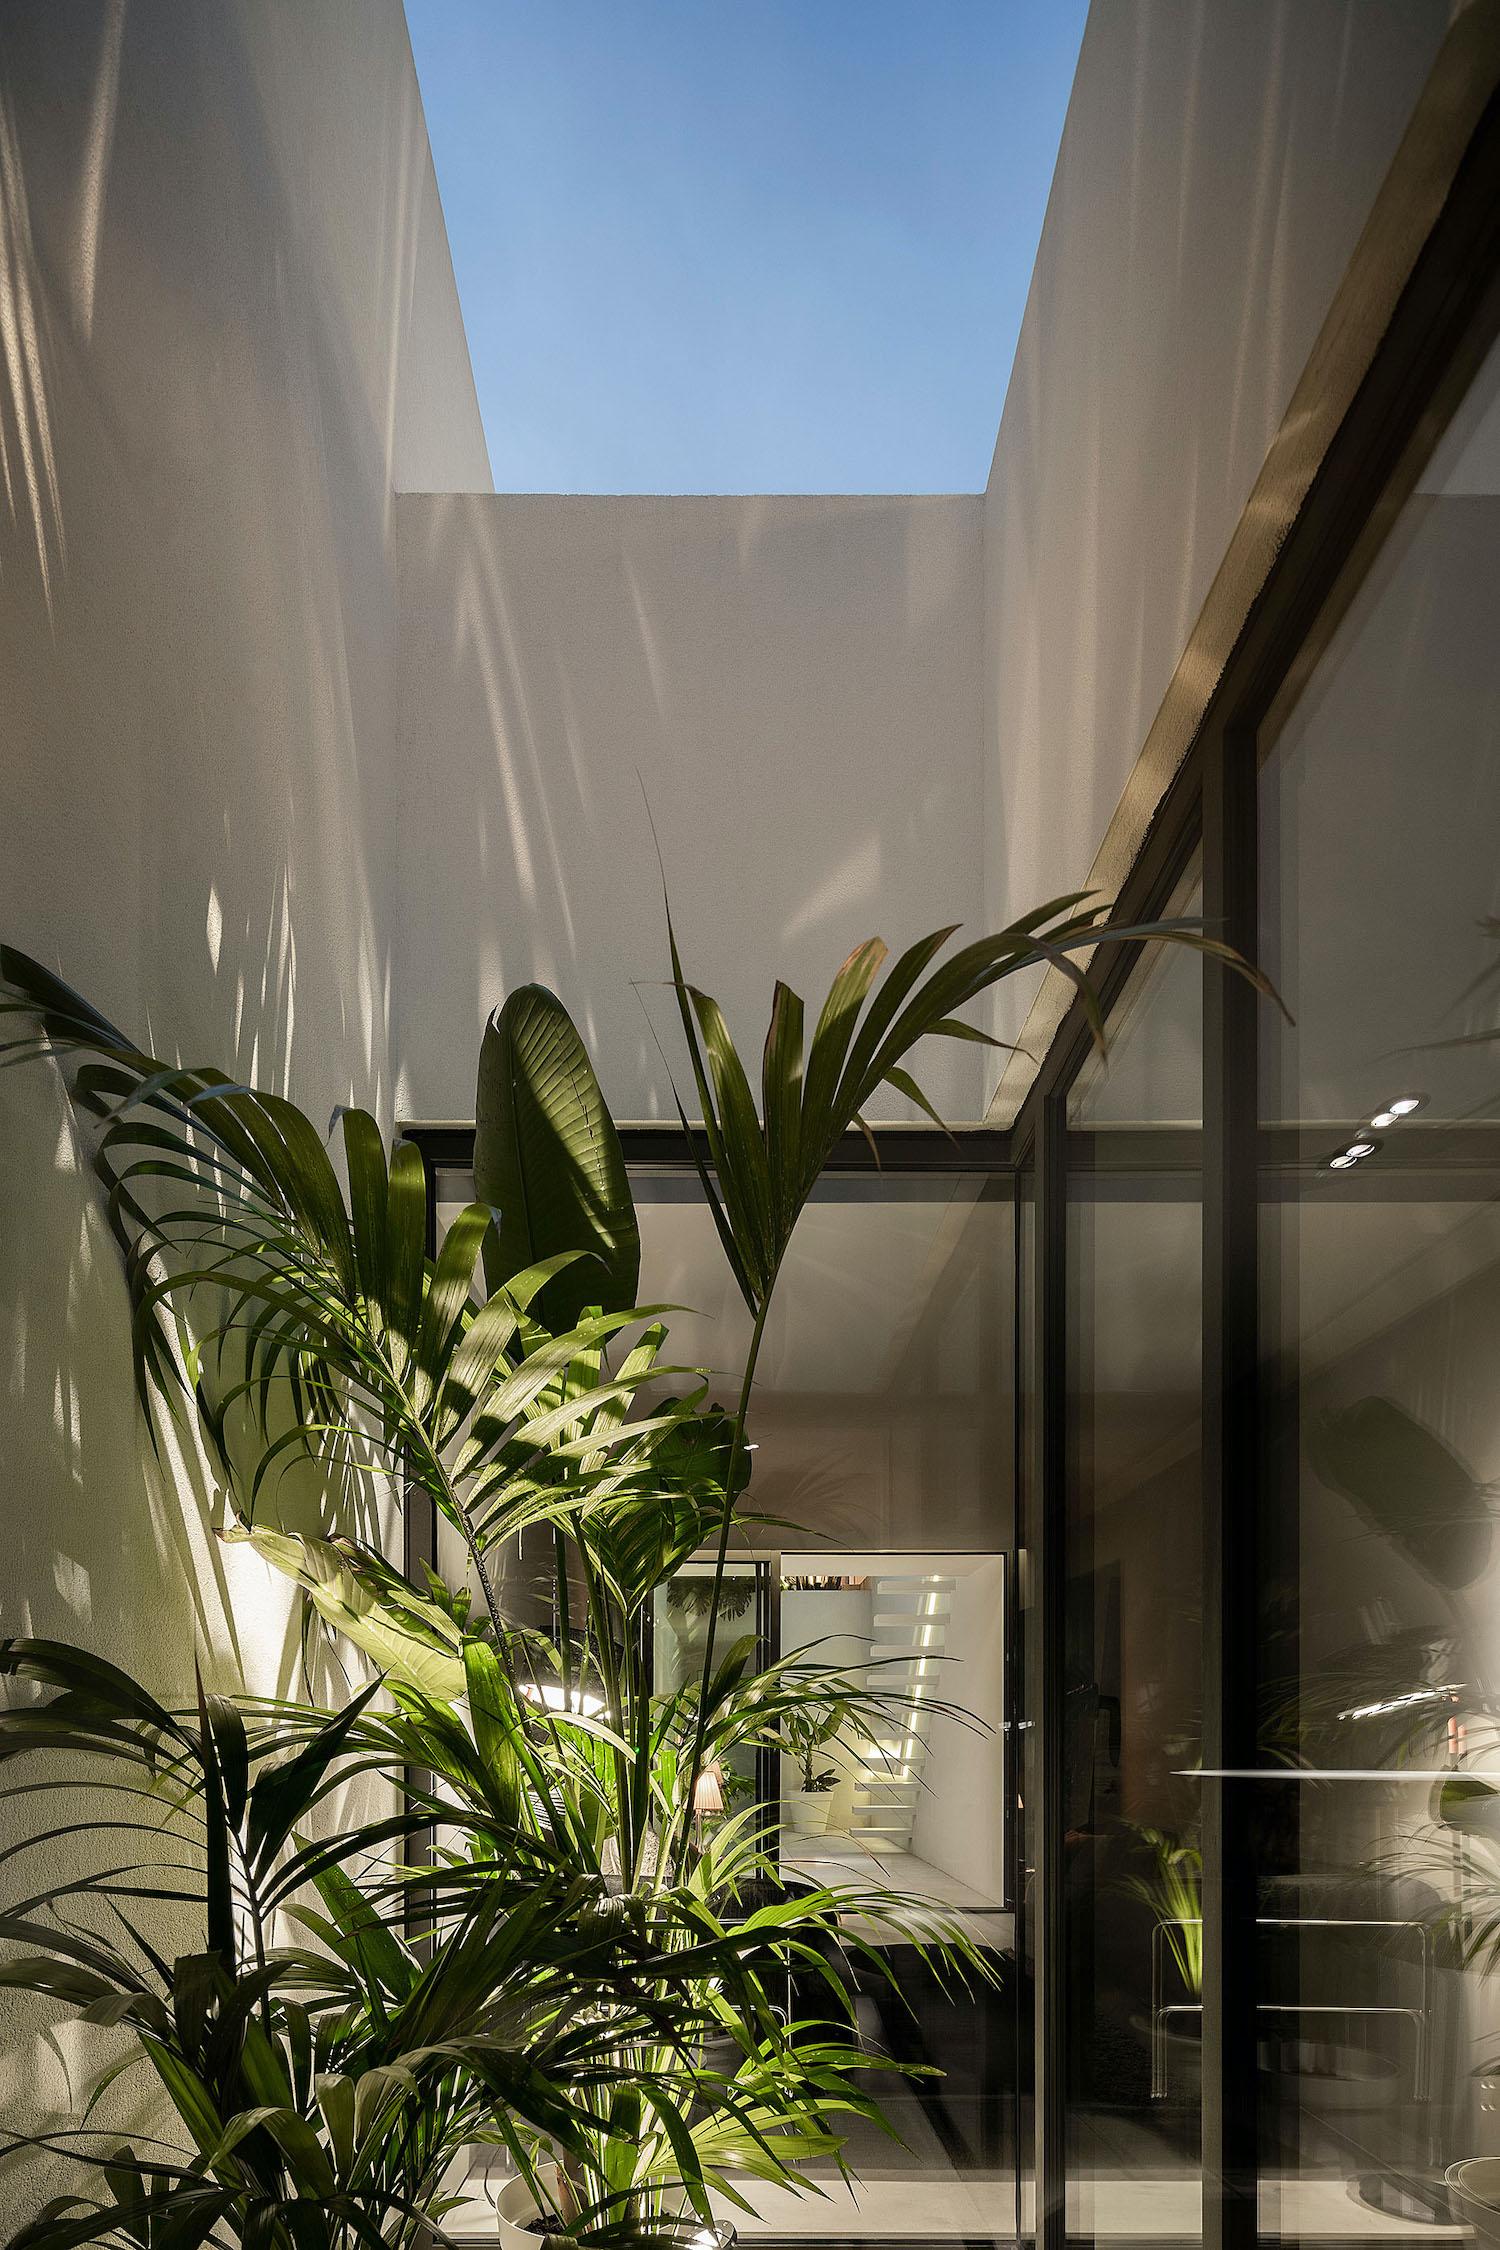 indoor garden with illumination on plants